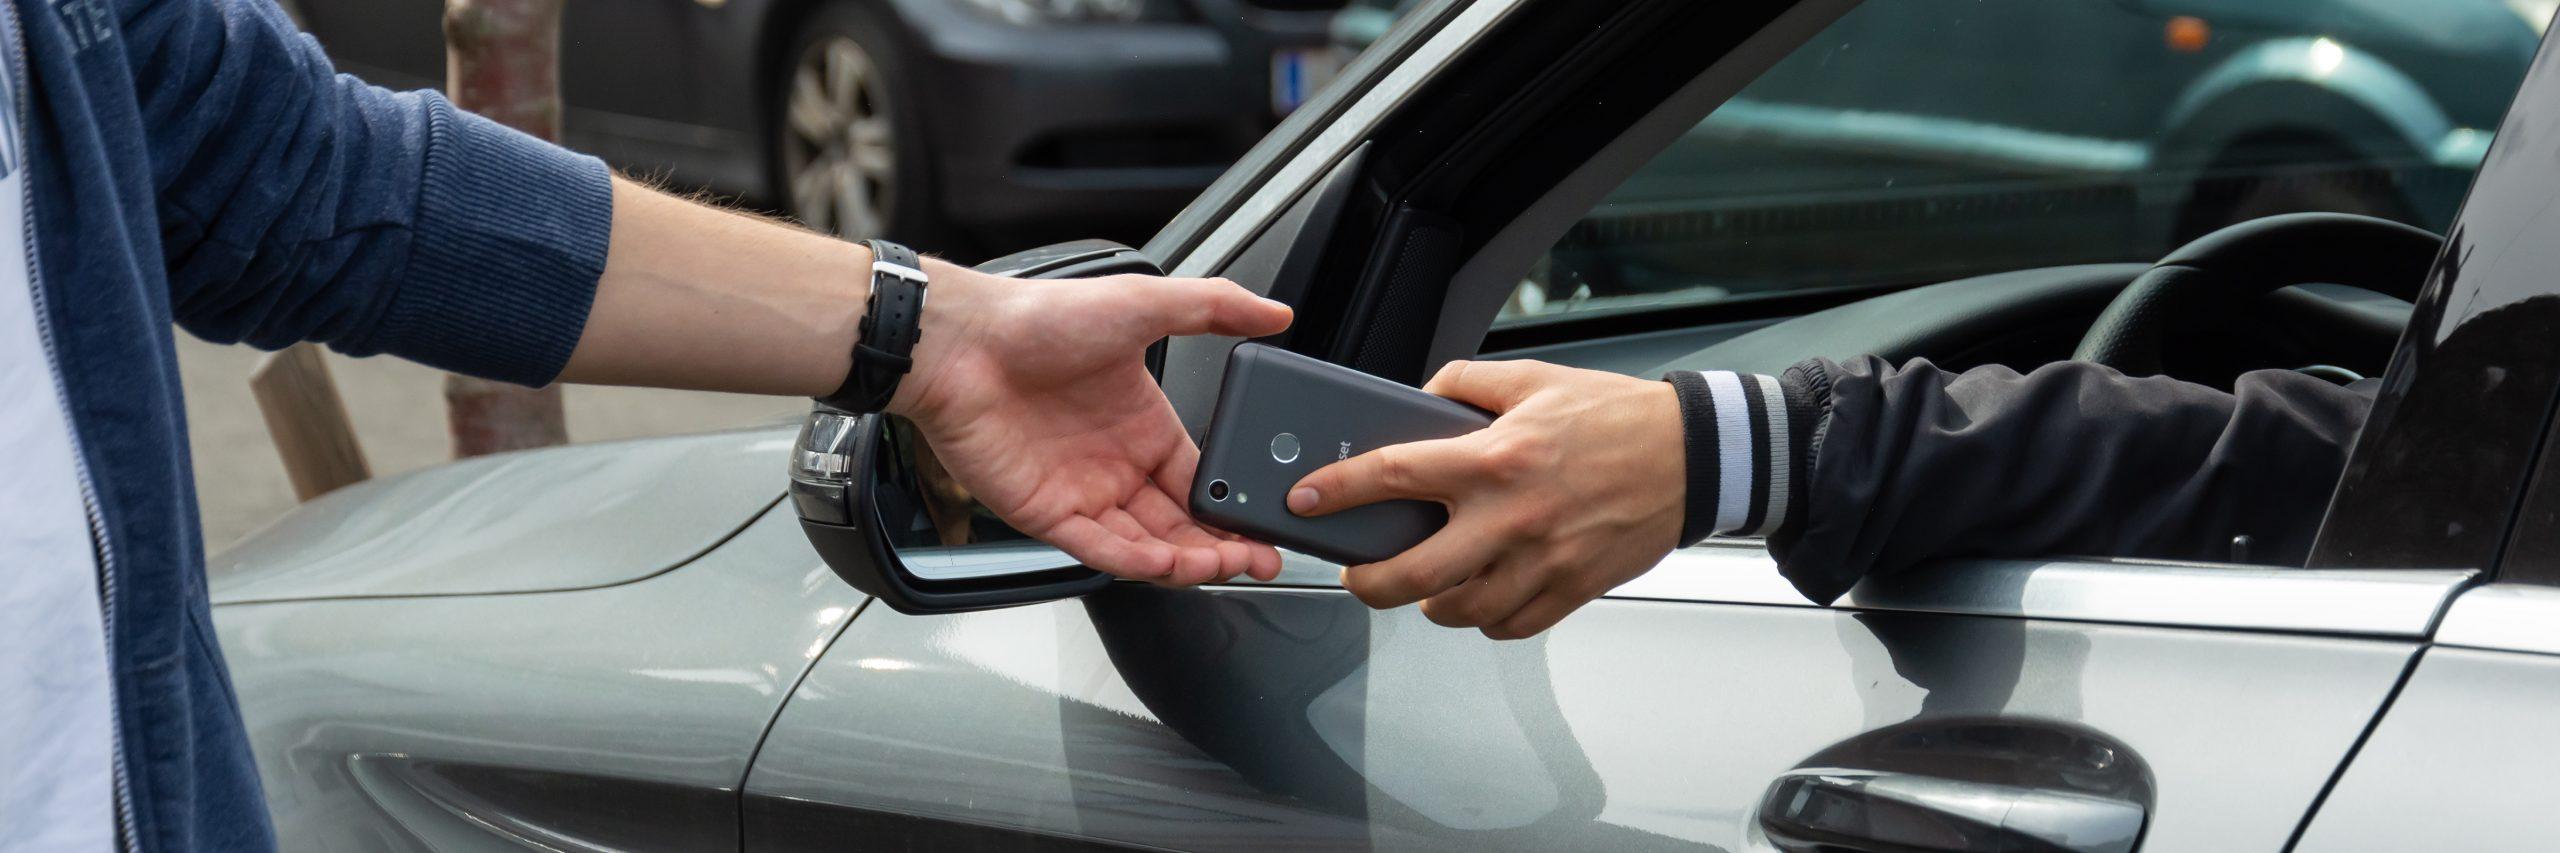 Handy wird aus Autofenster gereicht